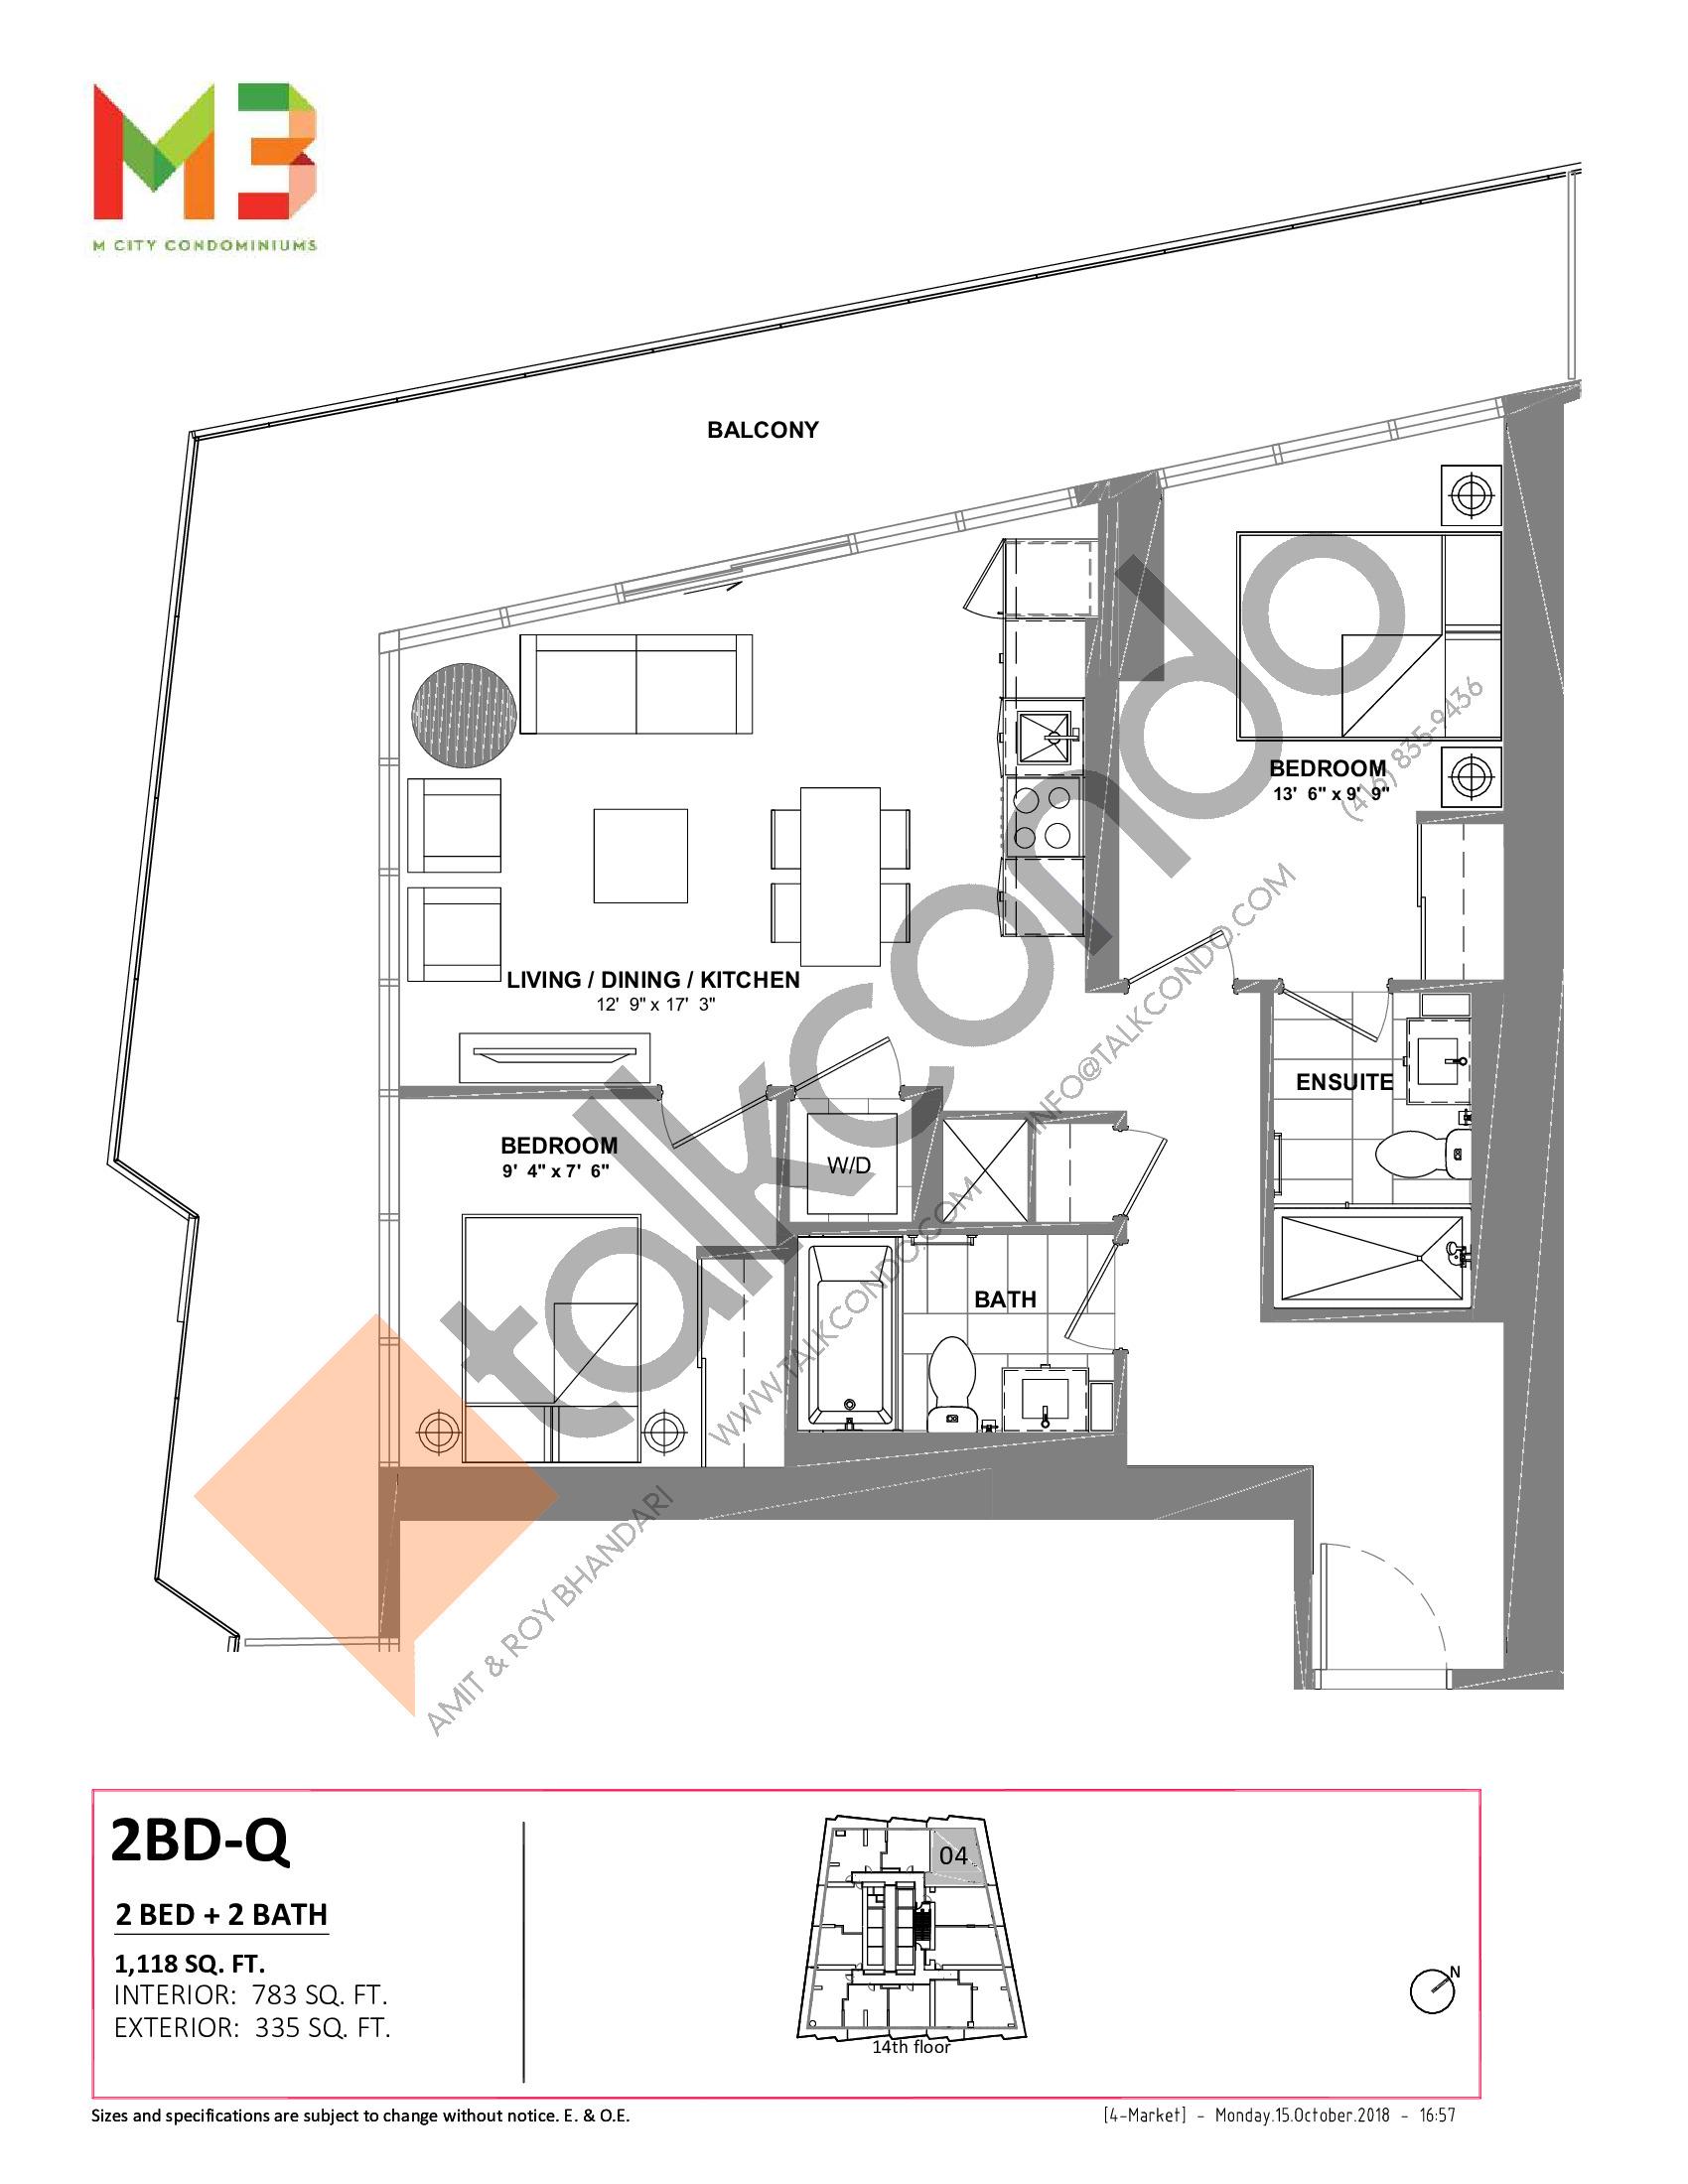 2BD-Q Floor Plan at M3 Condos - 783 sq.ft